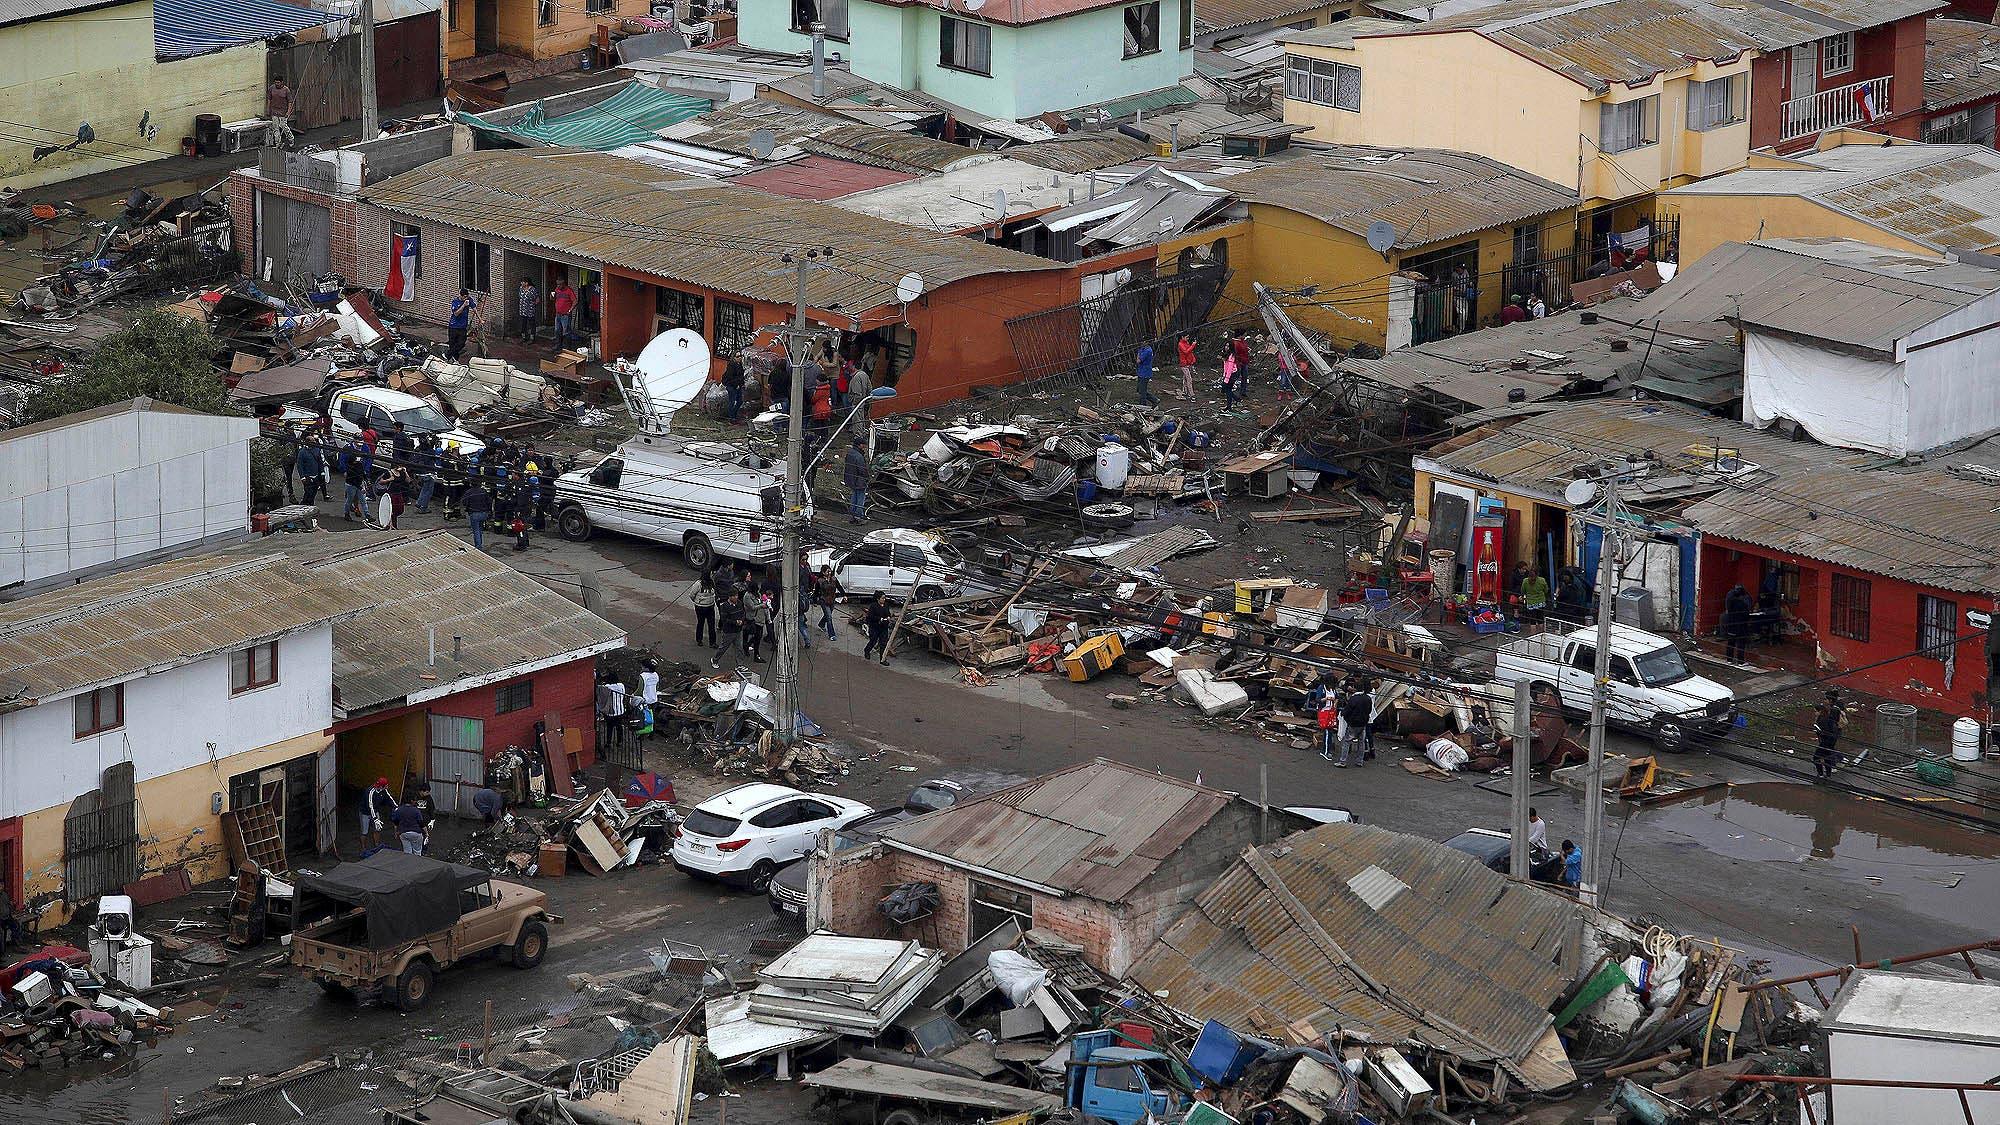 En plena madrugada nueva r plica del terremoto en chile for Ultimas noticias del espectaculo de hoy